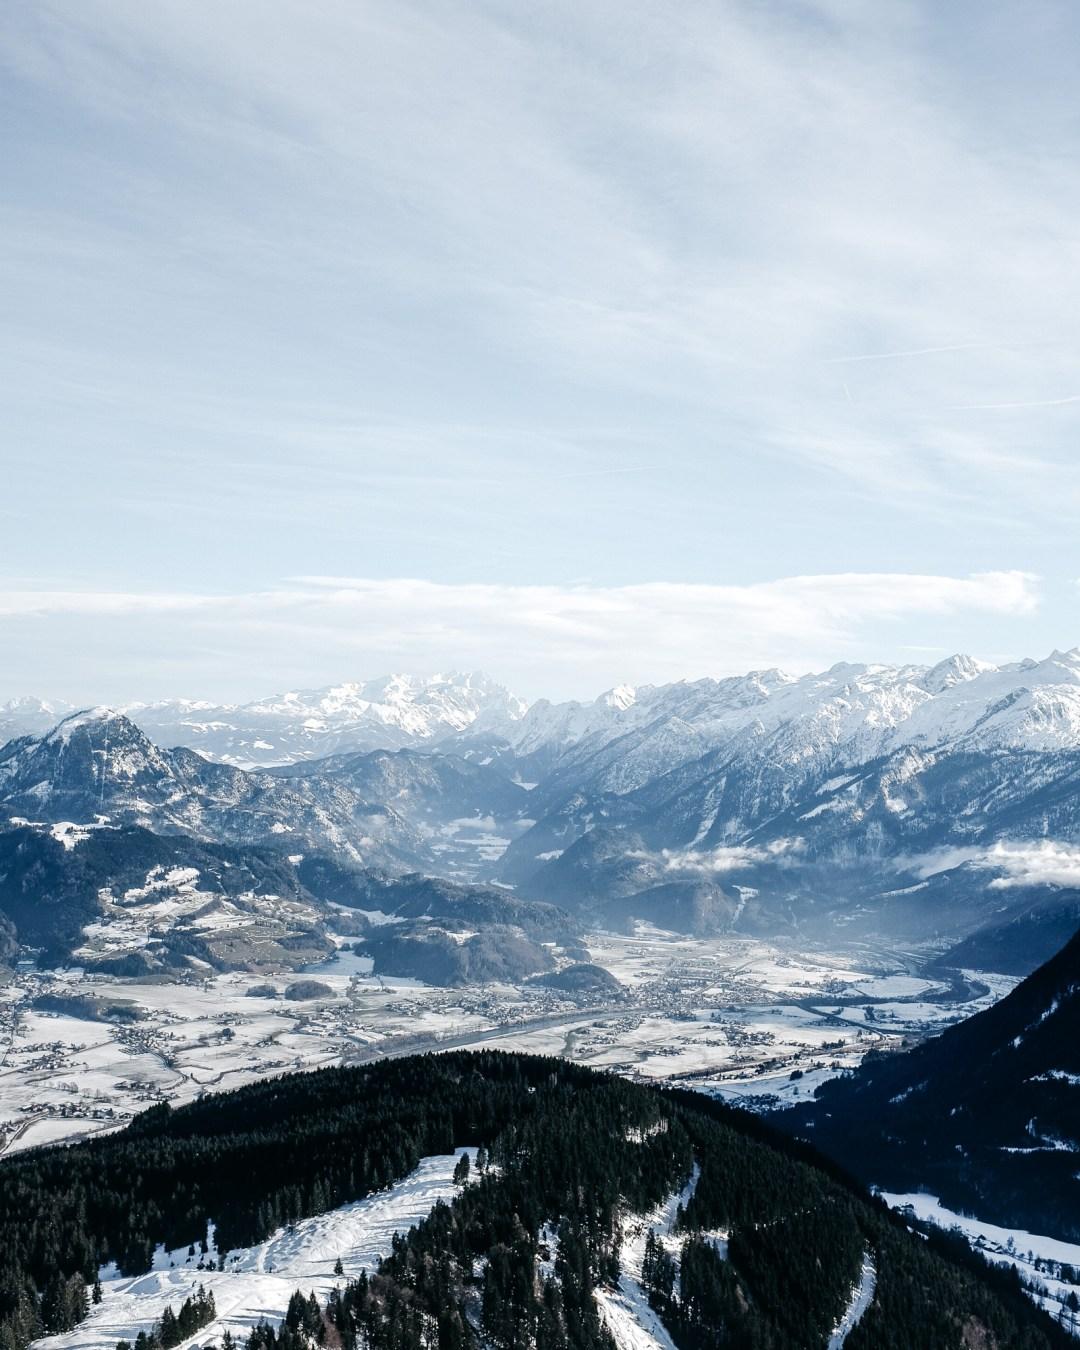 Winter Winterlandschaft Alpen Ausblick Ü50Mode fashionover50 inastil christmastime Weihnachtszeit BergpanoramaDSCF0960